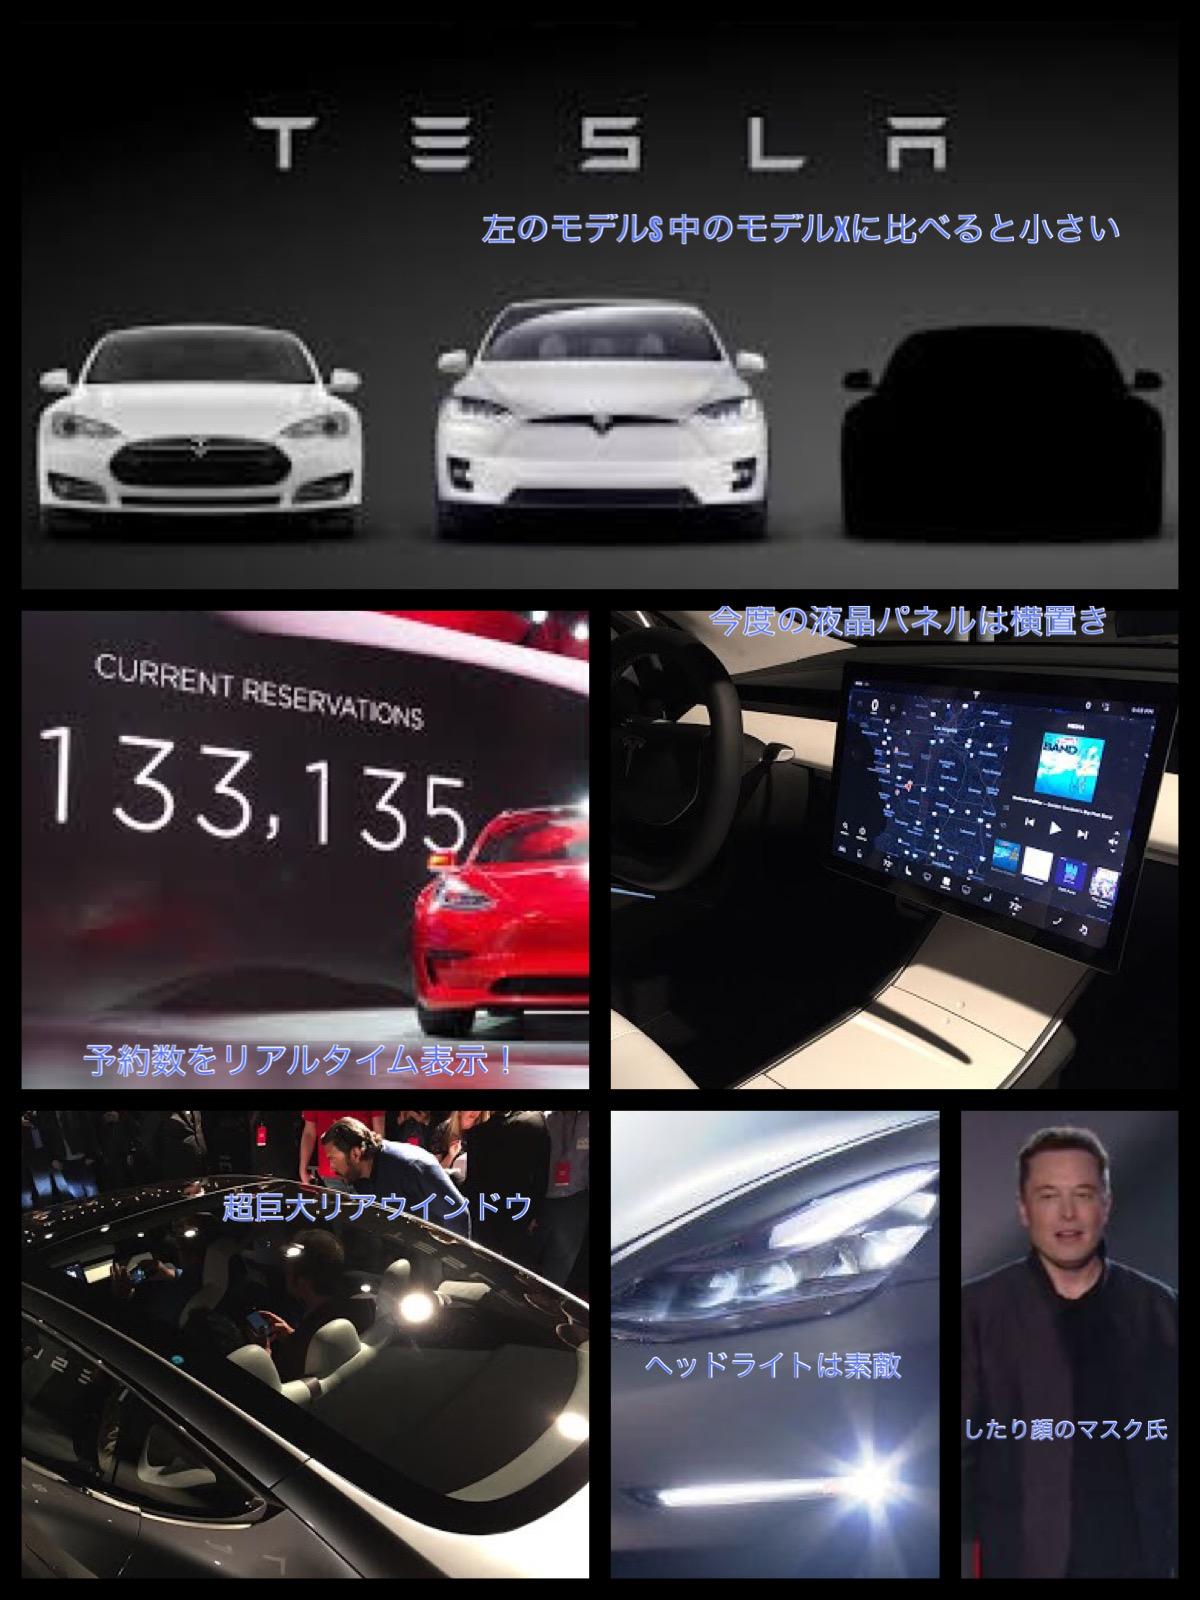 テスラモデル3米 発表 2016